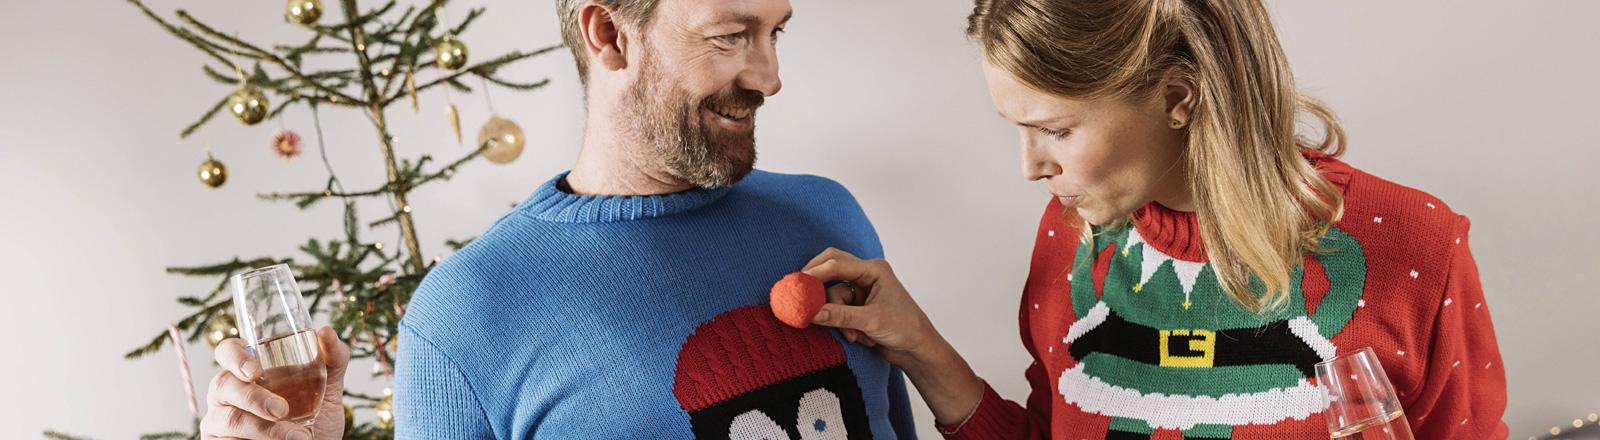 Ein Mann und eine Frau stehen vor einem Weihnachtsbaum. Beide tragen Pullover mit Weihnachtsmotiven. Sie halten Sektgläser in den Händen.